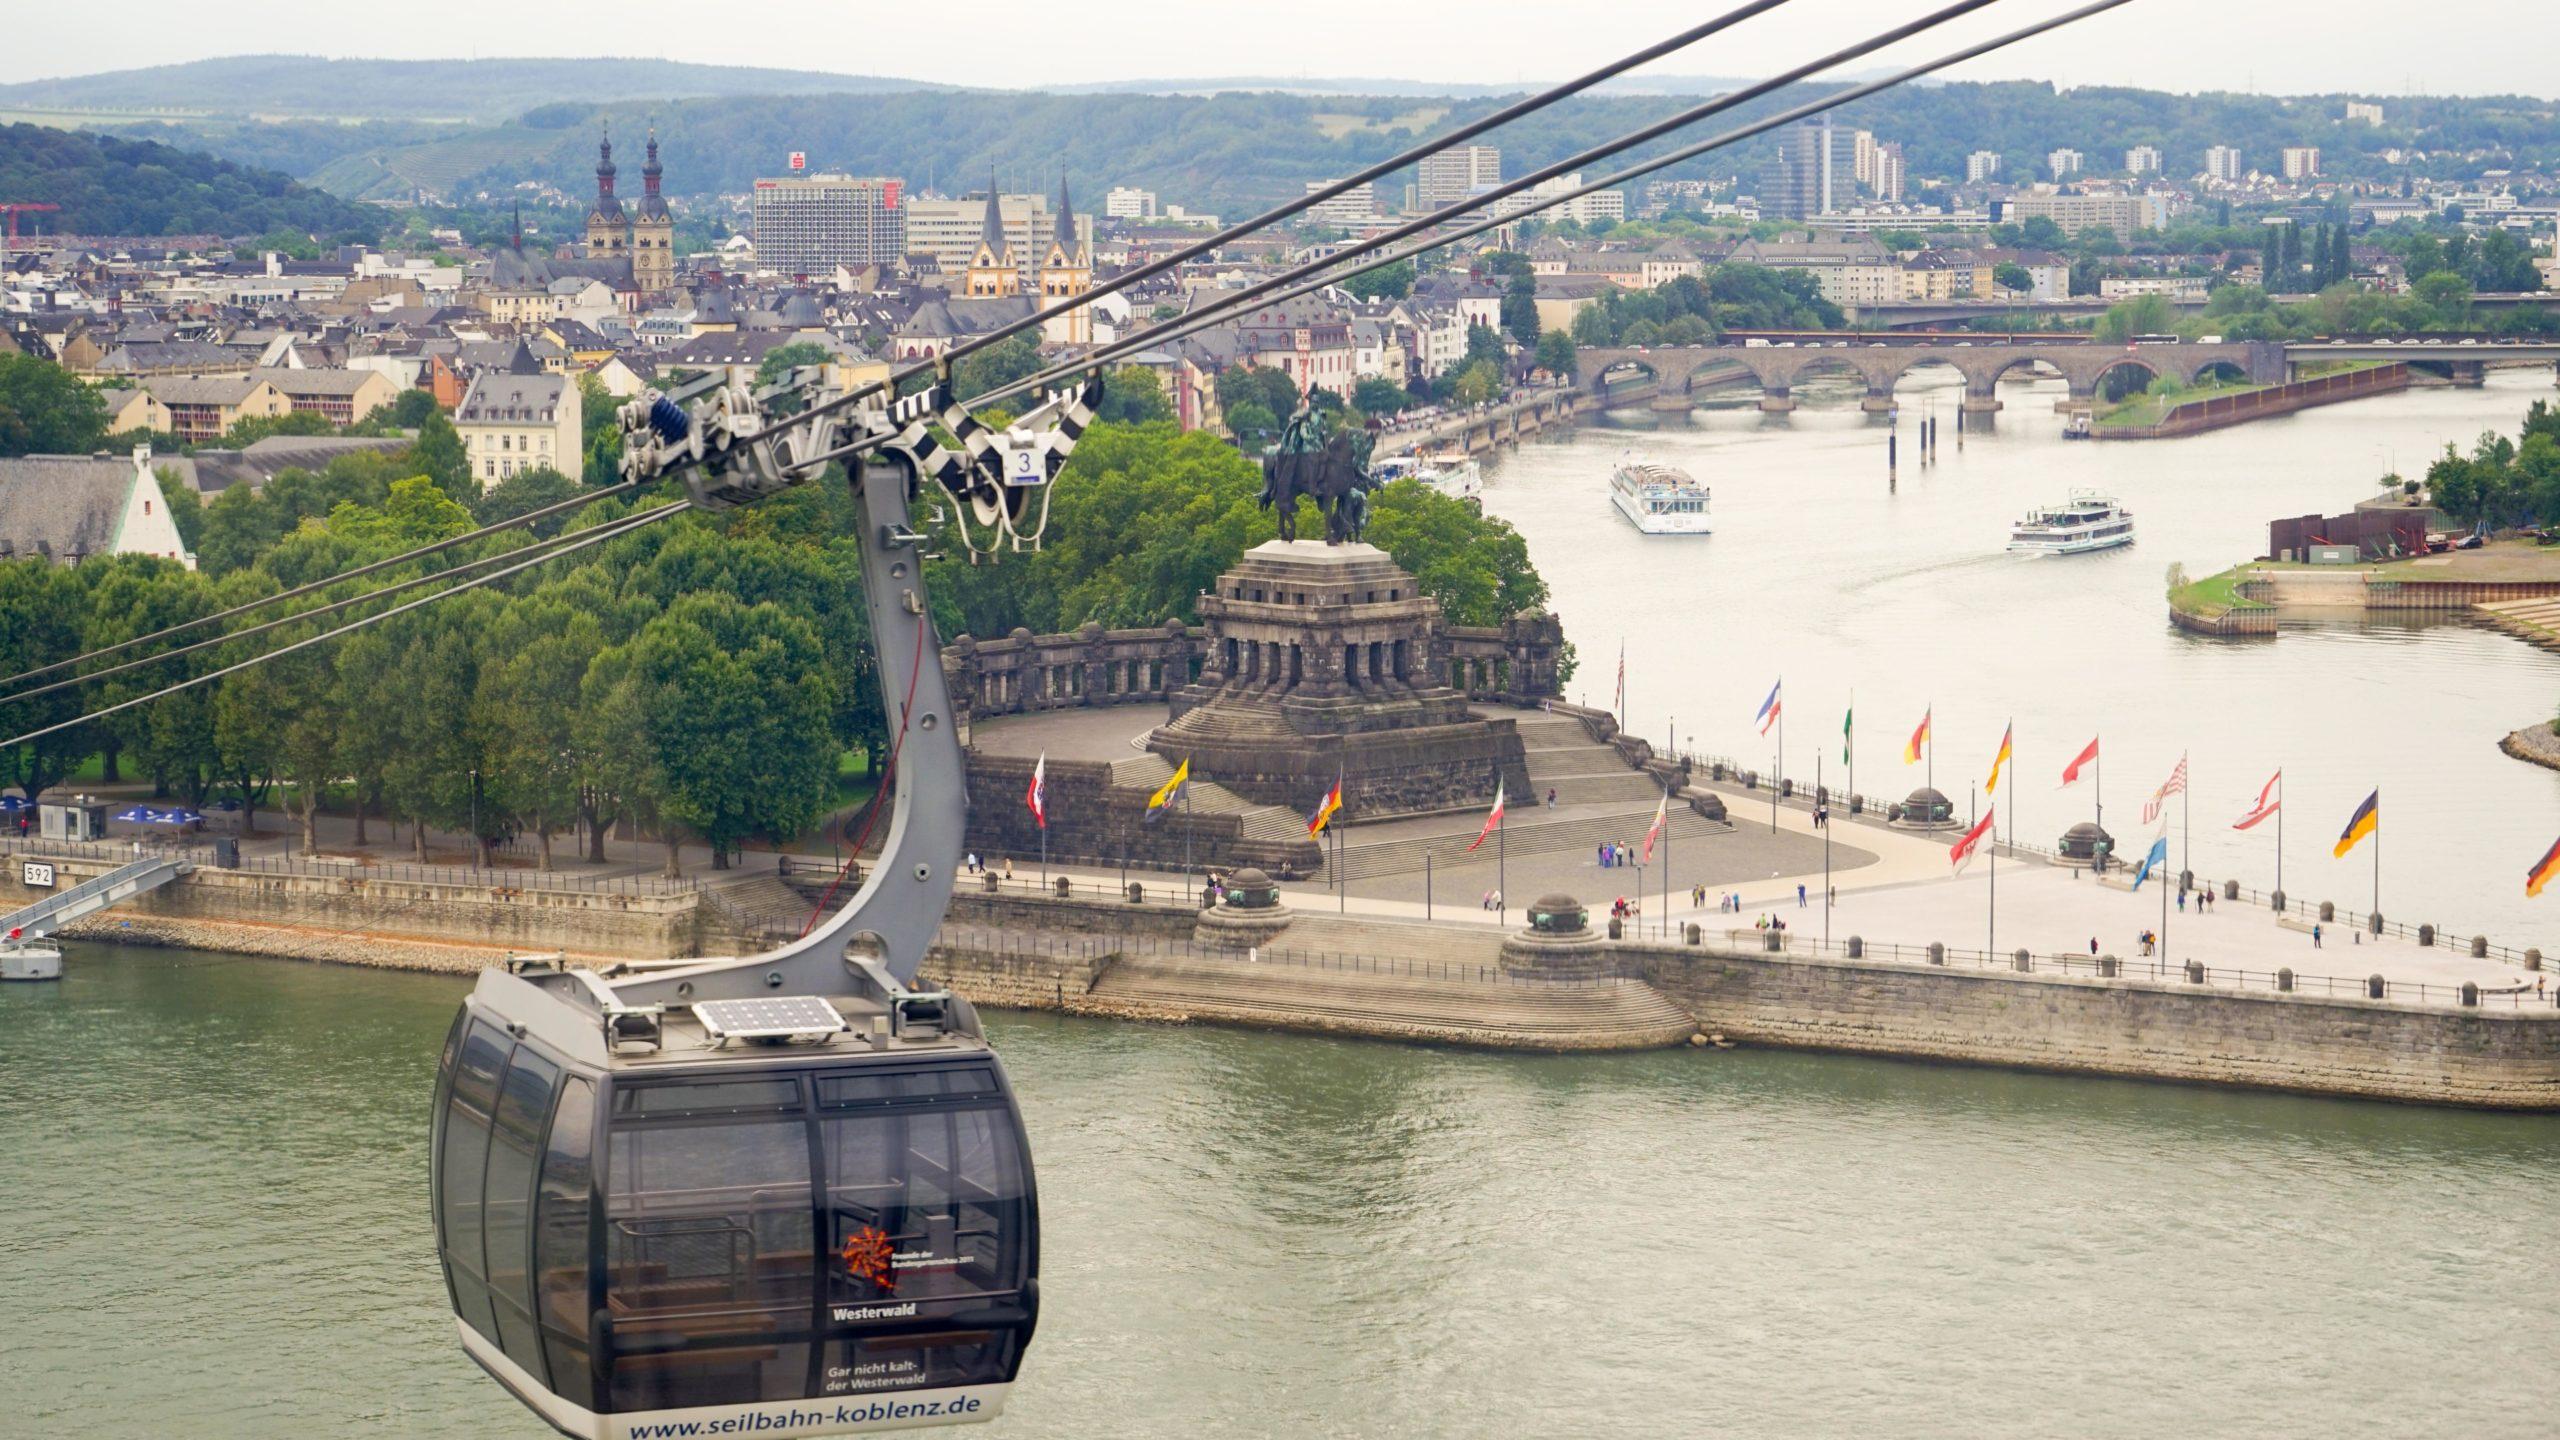 Am Rhein zwischen Bingen und Koblenz, Deutsches Eck